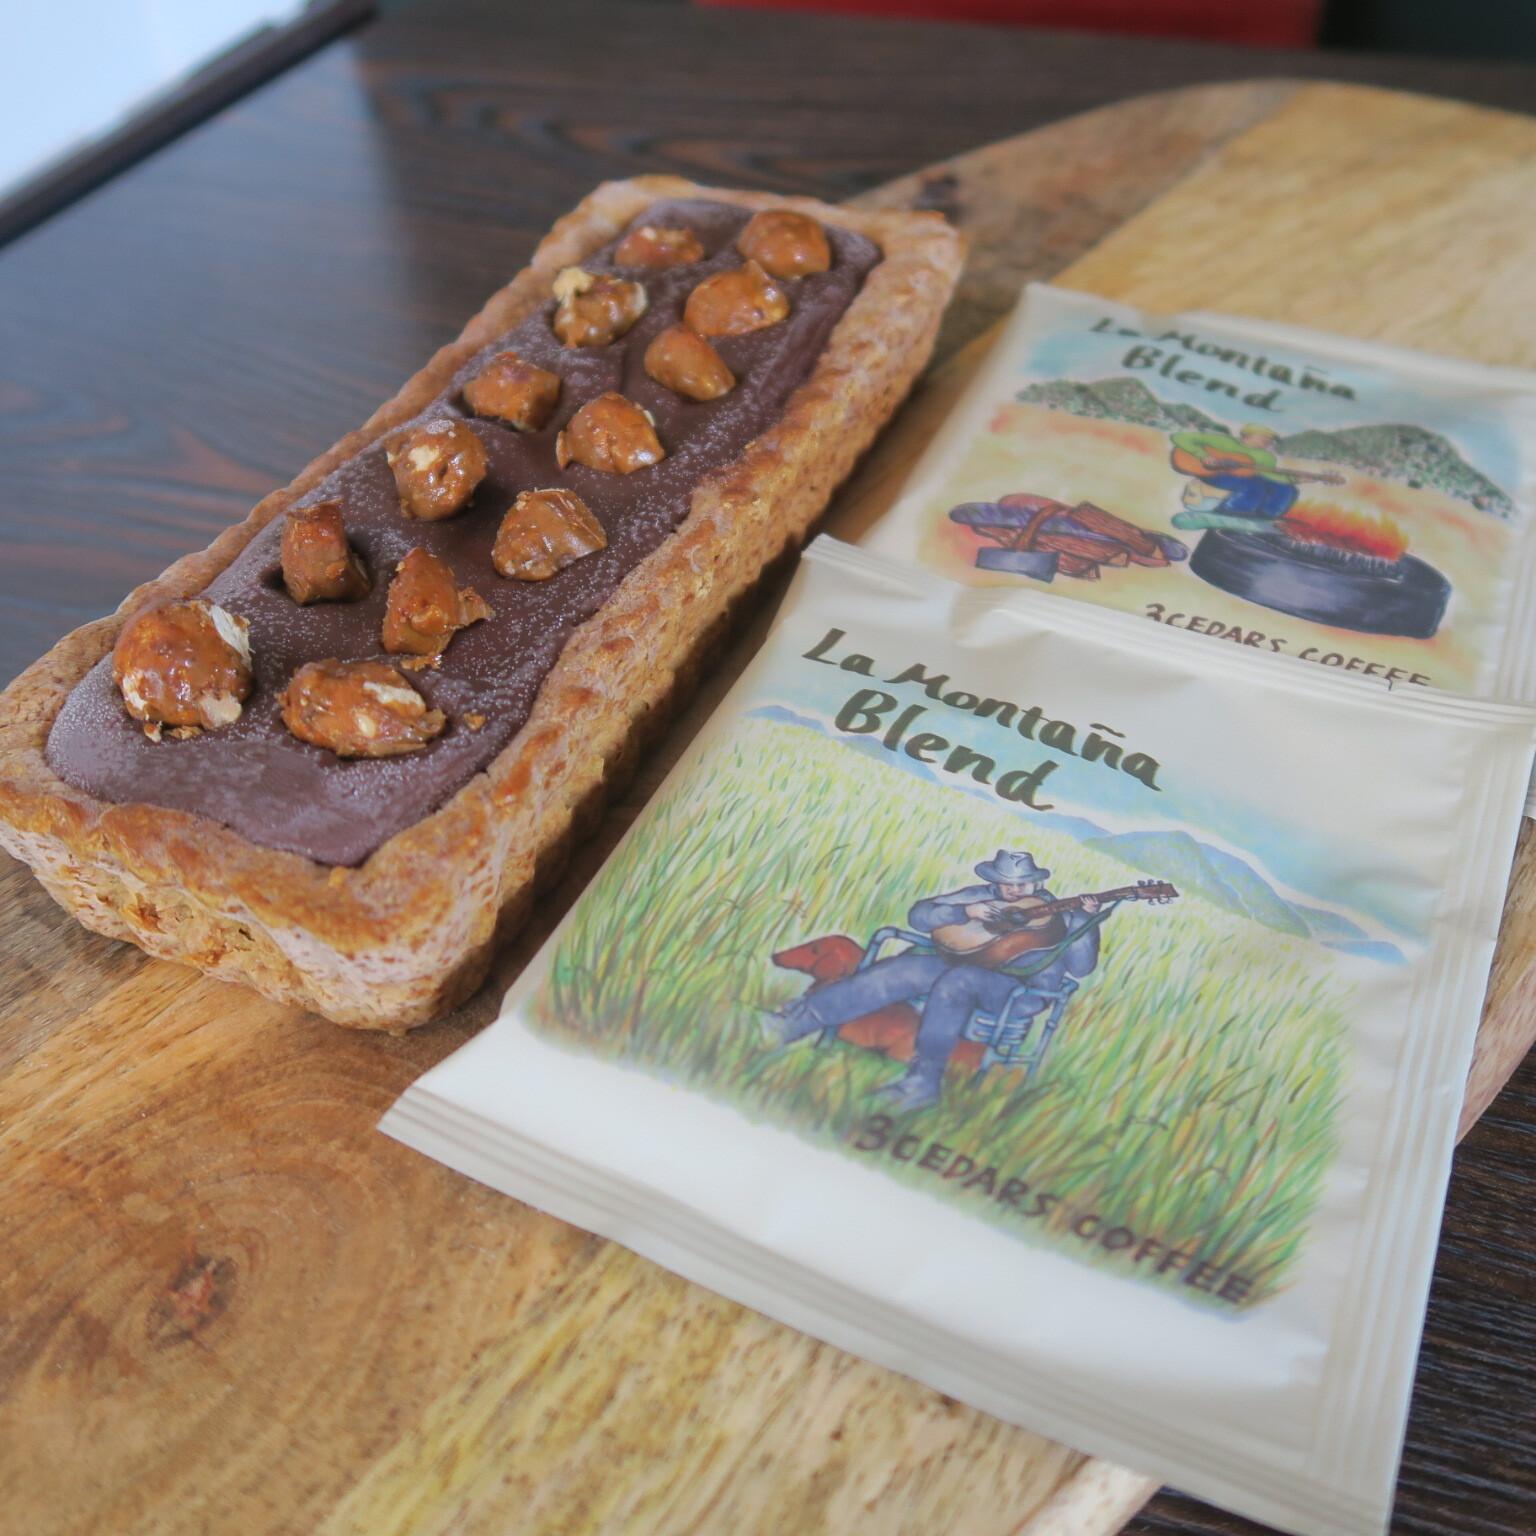 究極の生チョコプラリネピスタチオ・coffee set